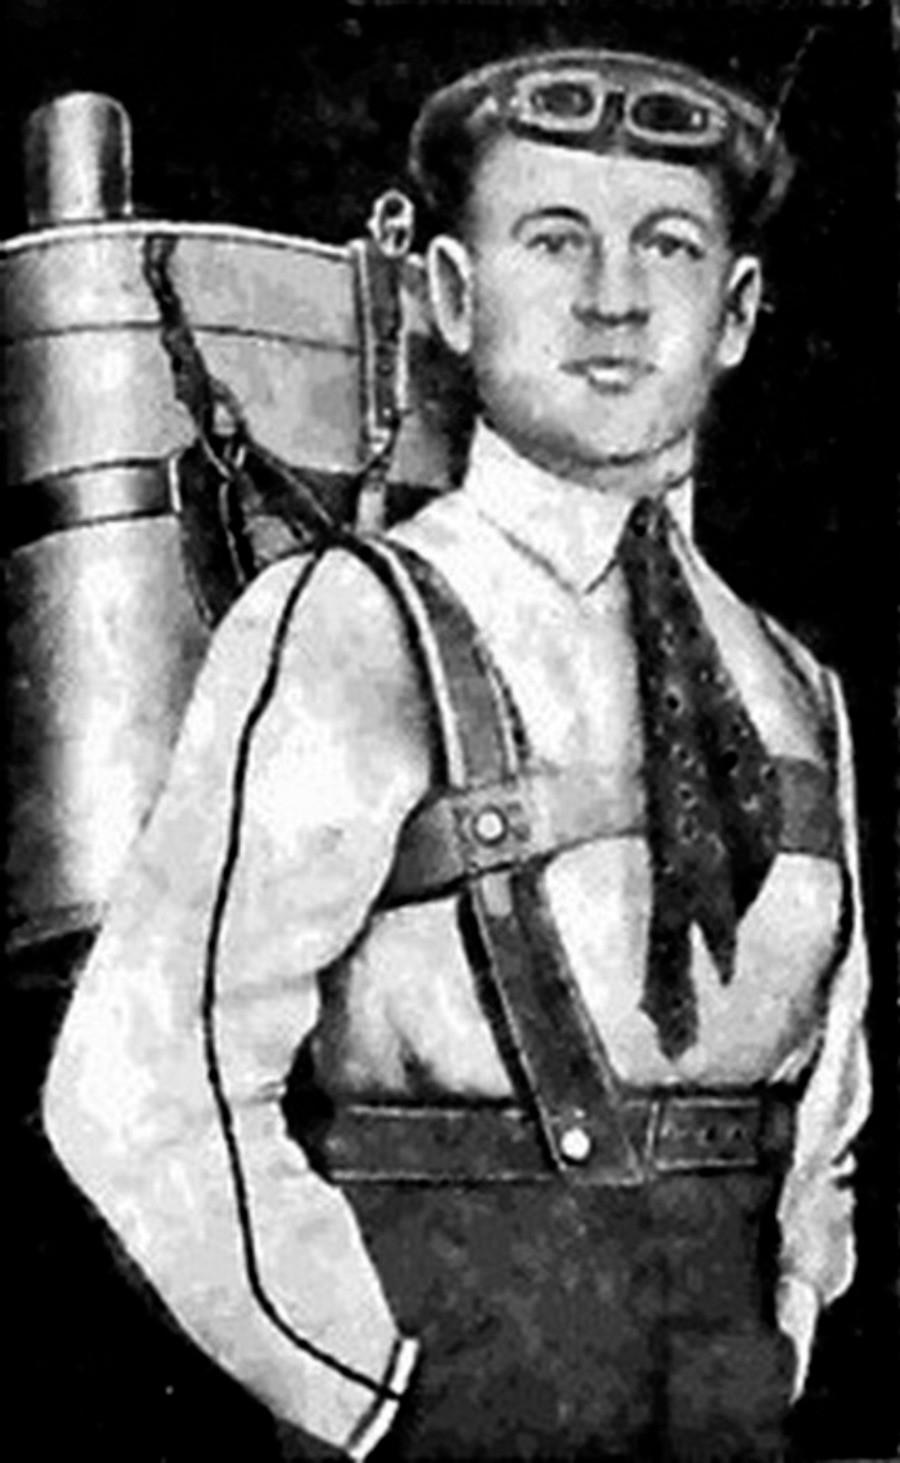 コテリニコフと彼が開発したパラシュート